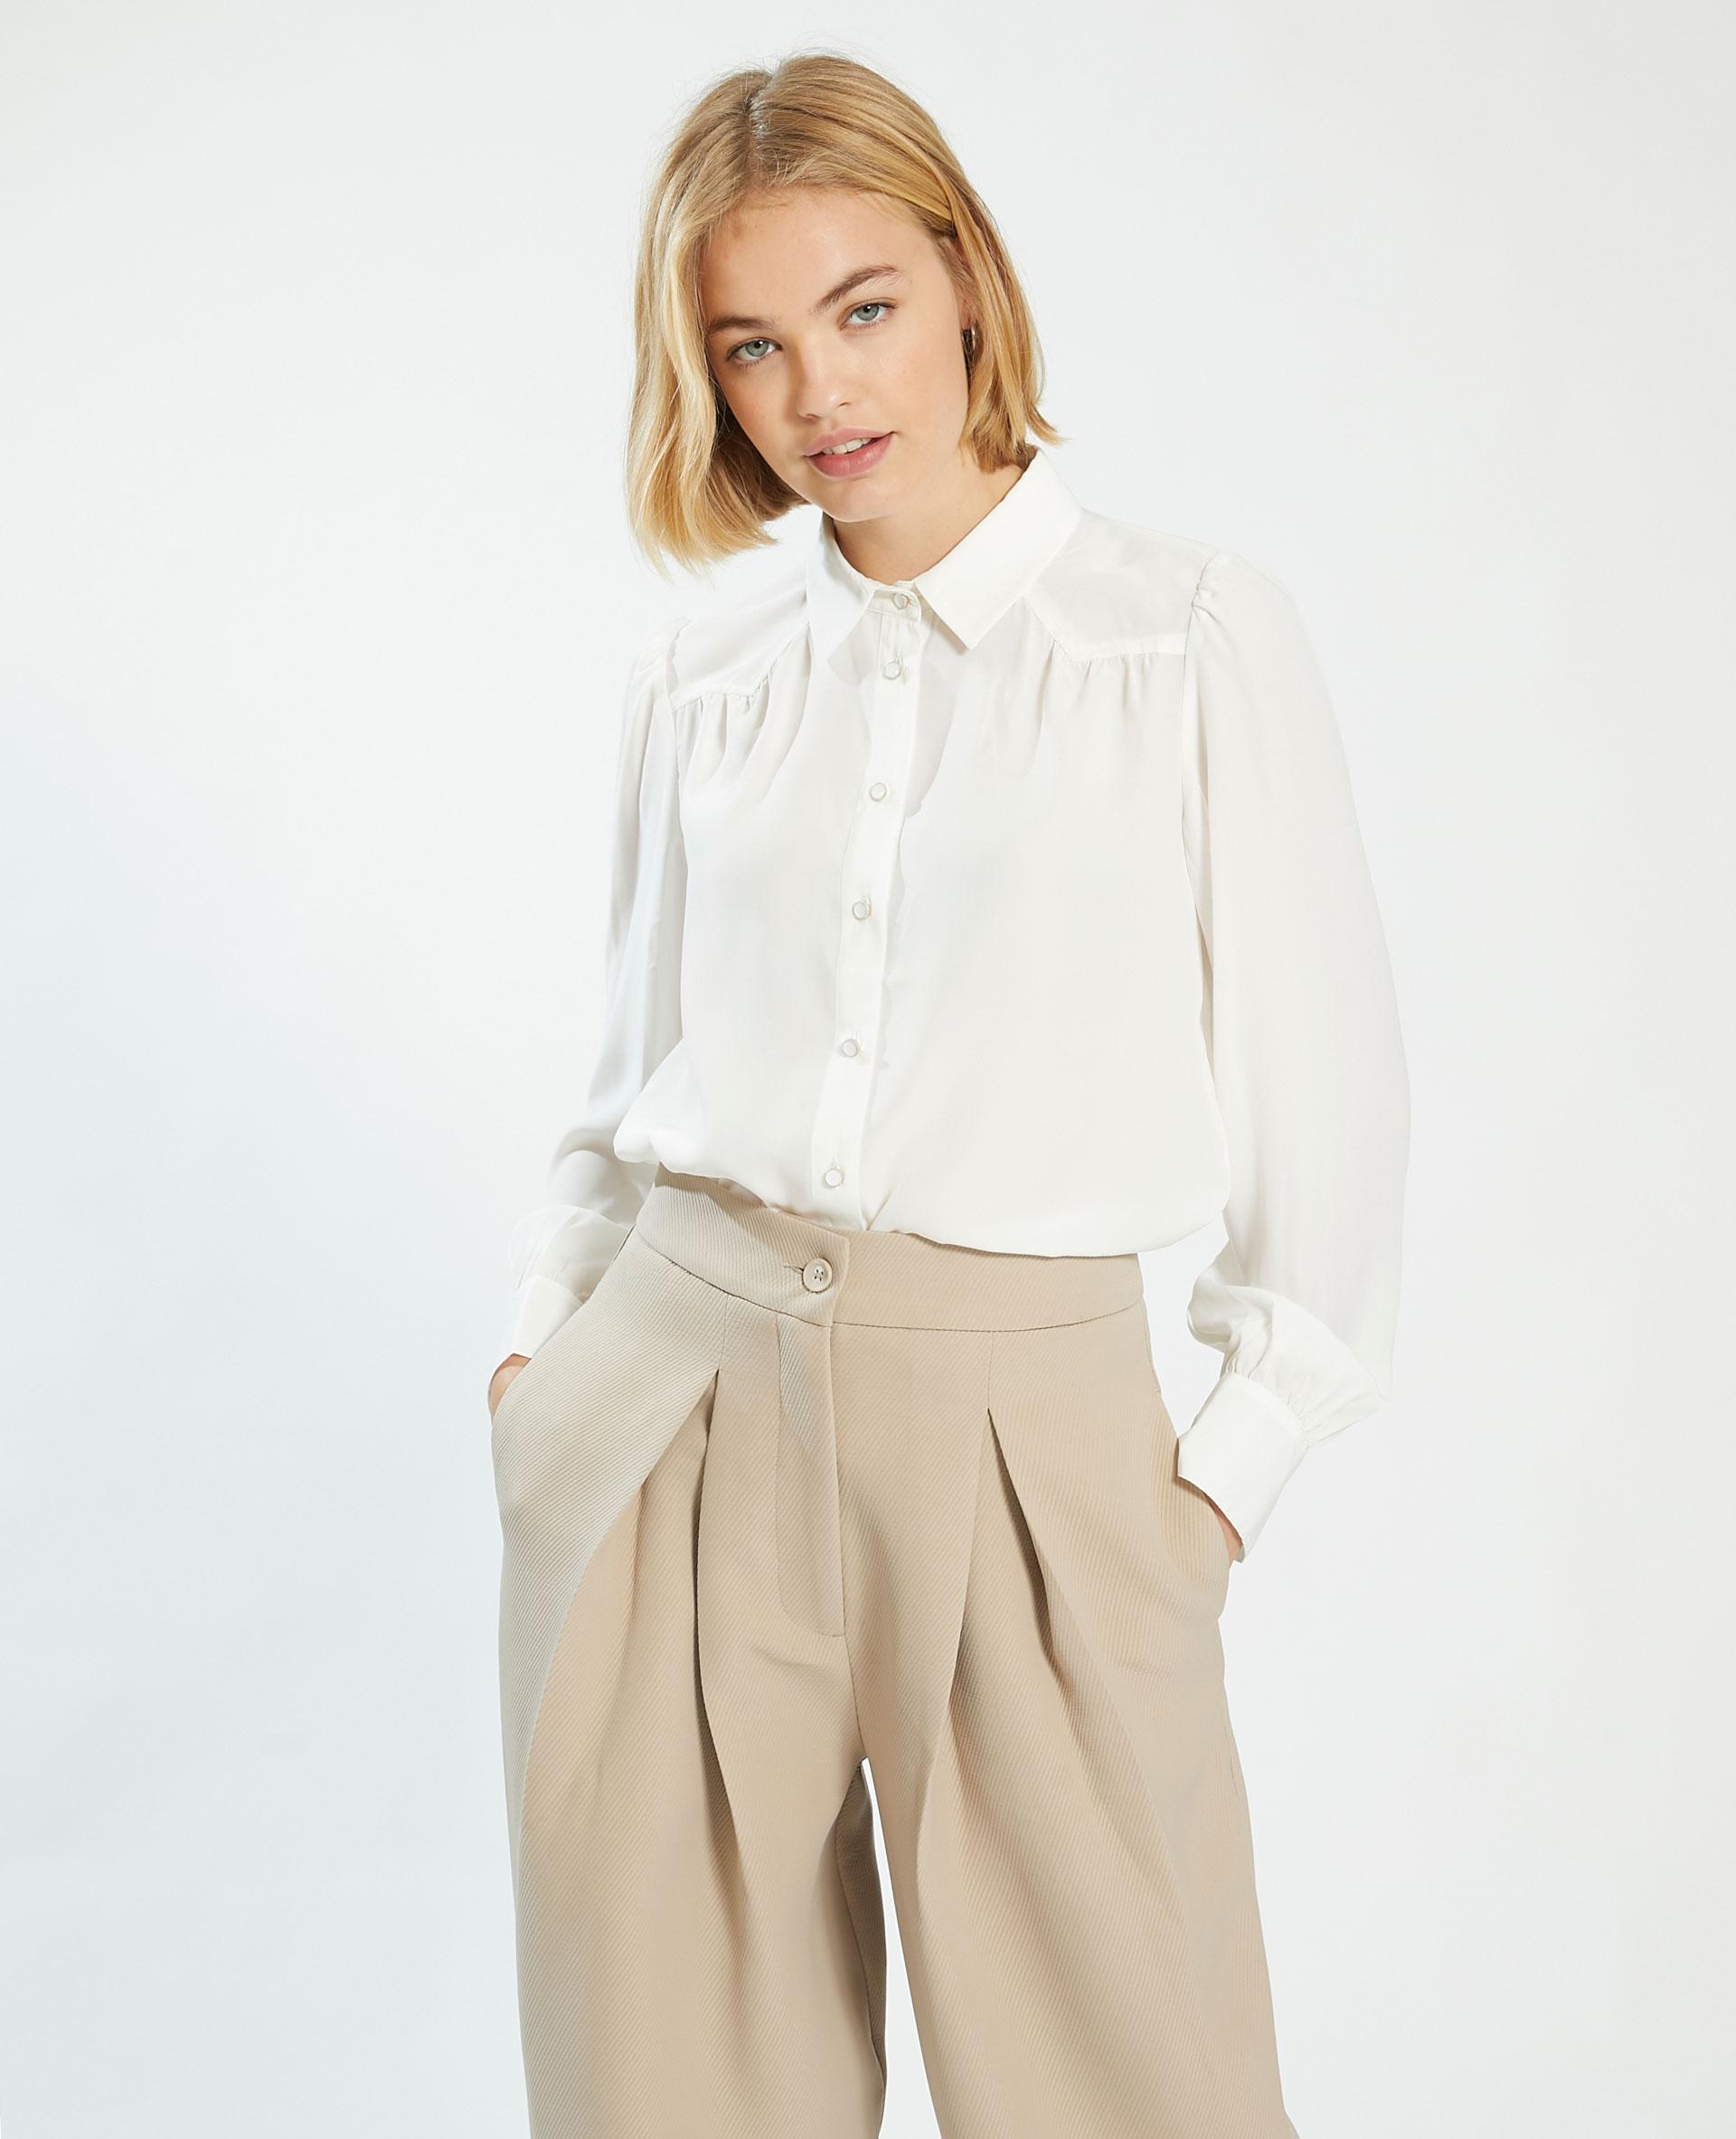 Camicia setosa con bottoni fantasia bianco sporco - Pimkie